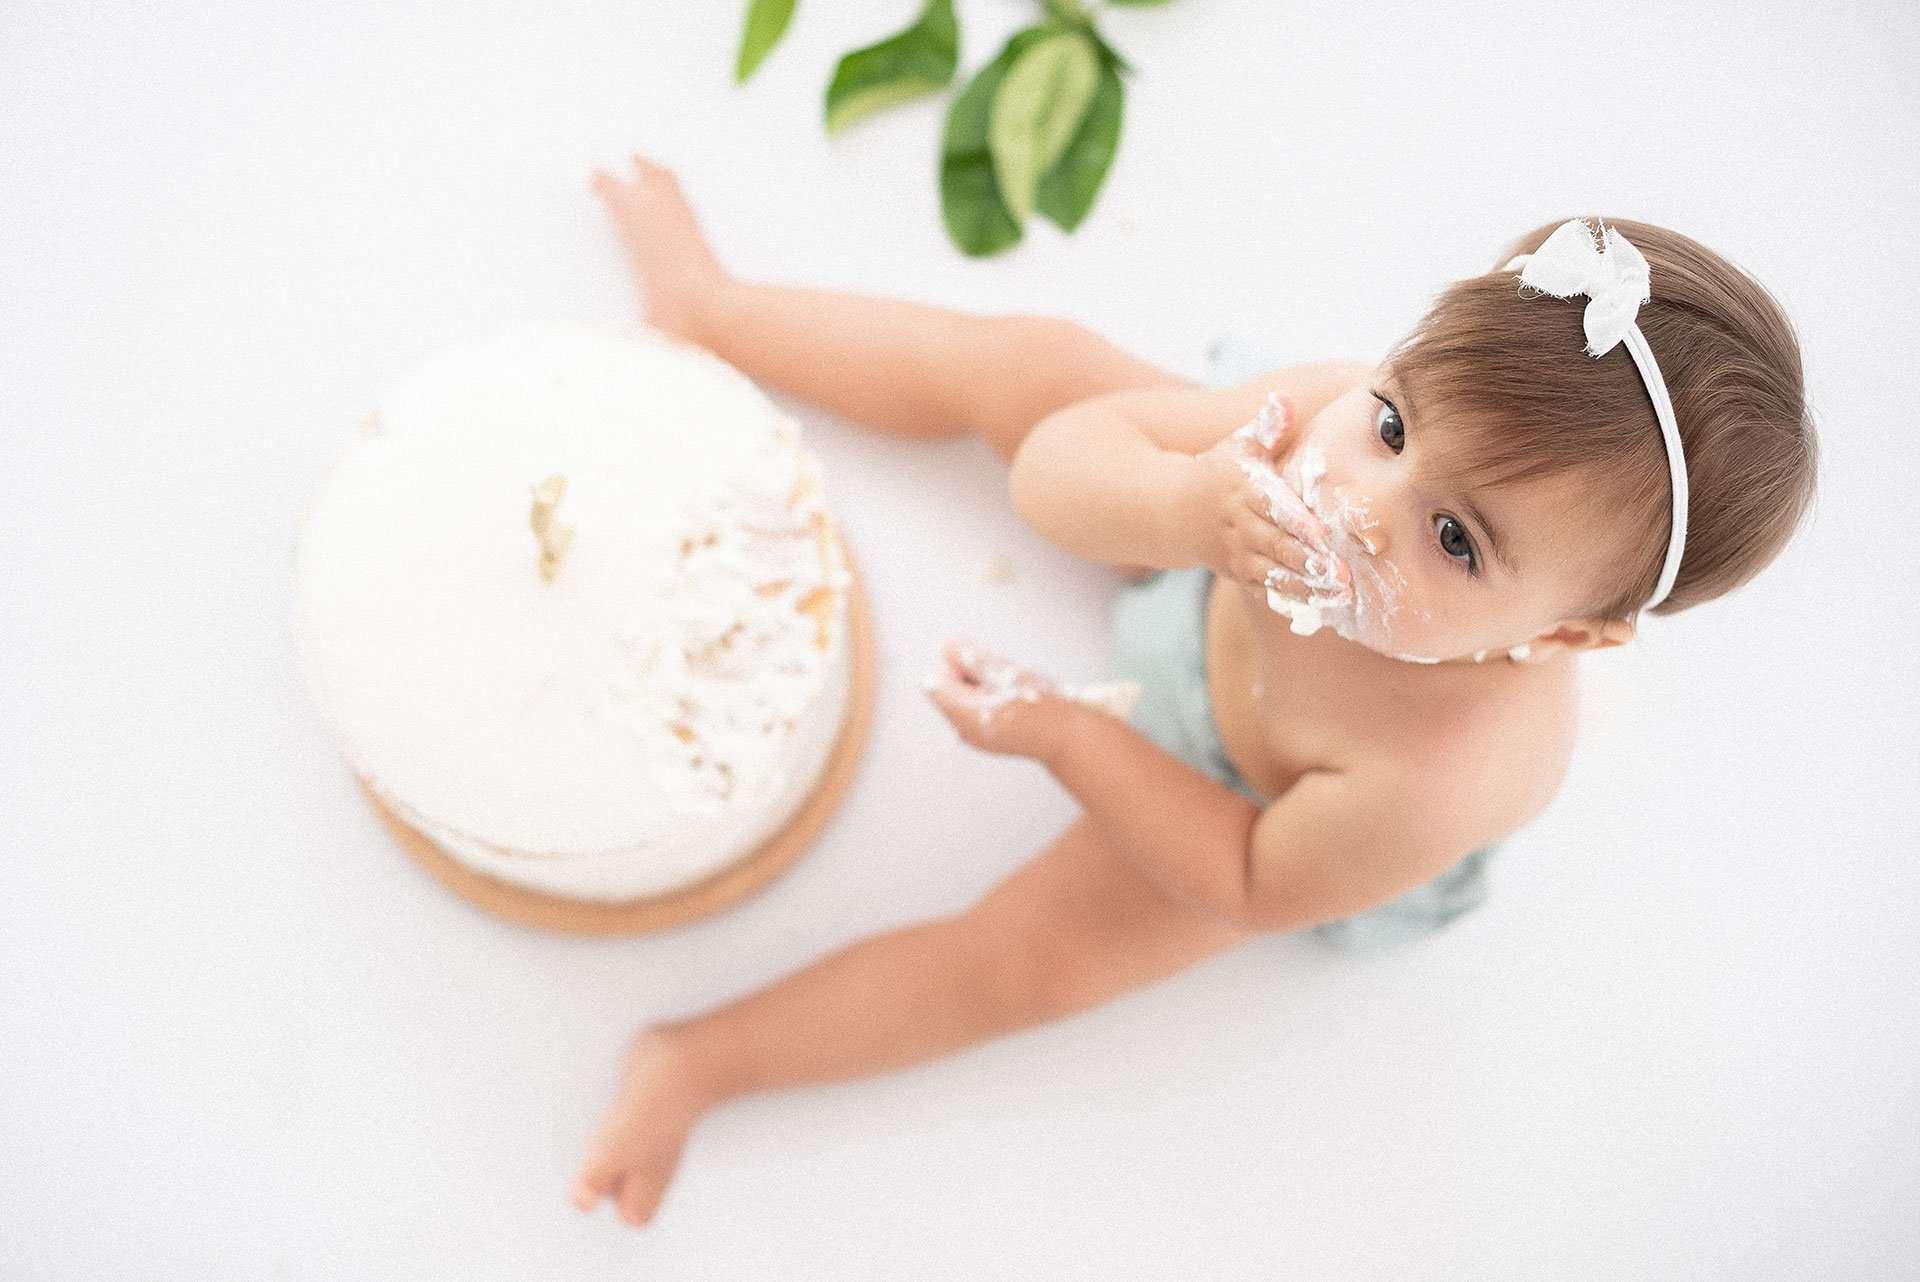 Fotografia smash cake bambina con torta realizzata da Barbara Trincone Fotografo specializzato in Gravidanza, Maternità, Genitorialità, Nascita e Newborn a Napoli